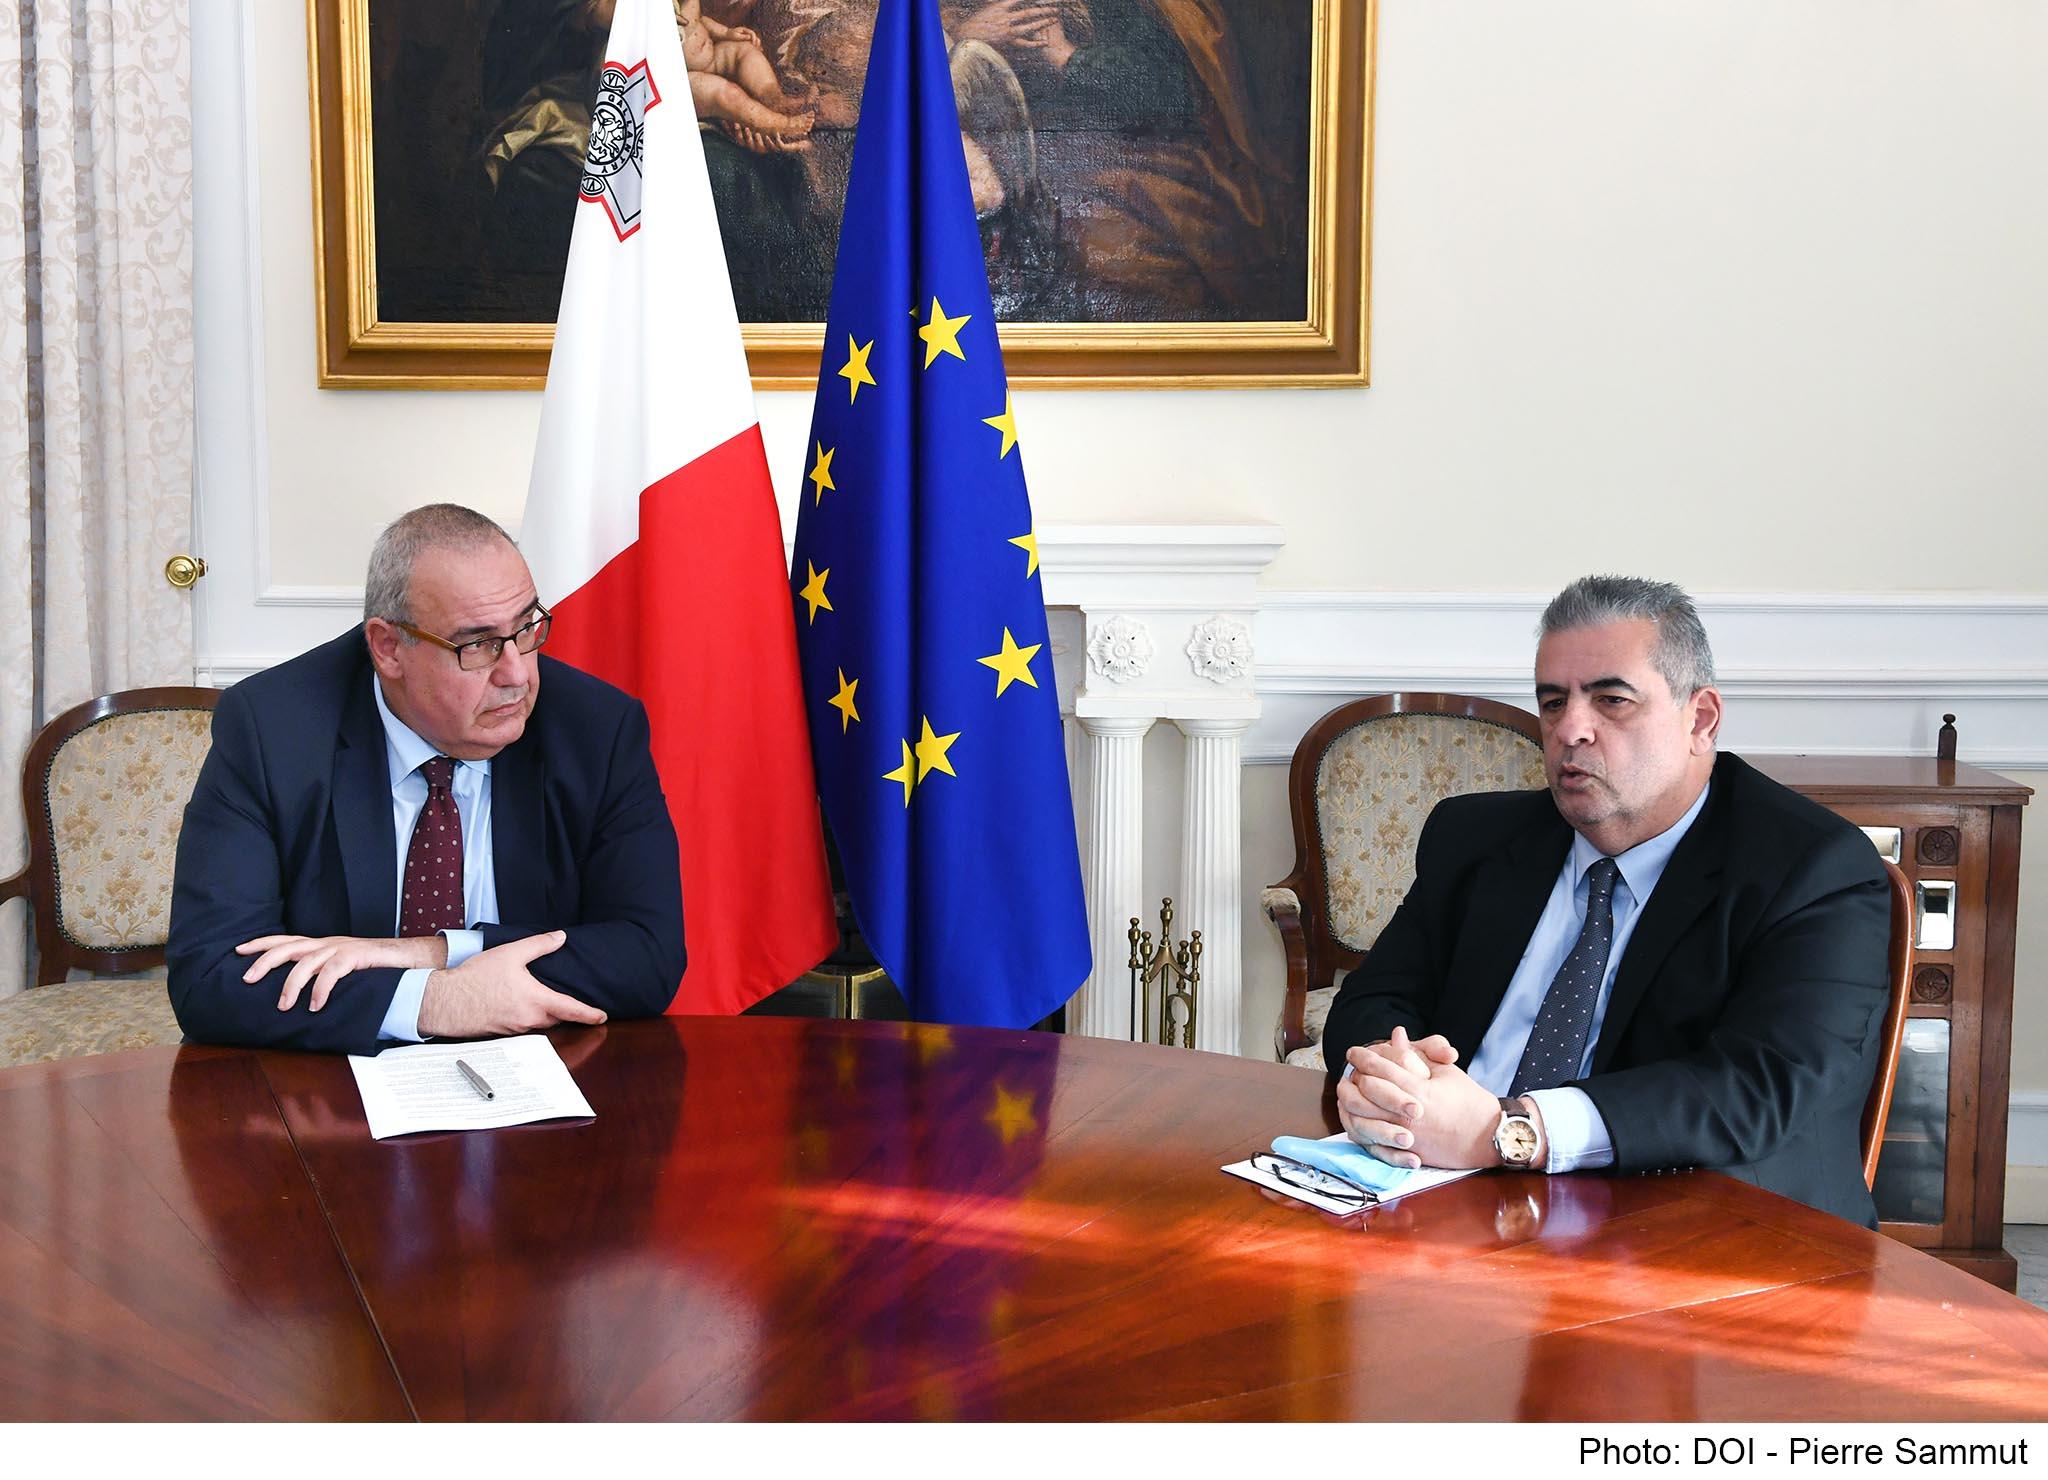 Aktar minn 93,000 pensjonant jibdew jirċievu pensjonijiet ogħla